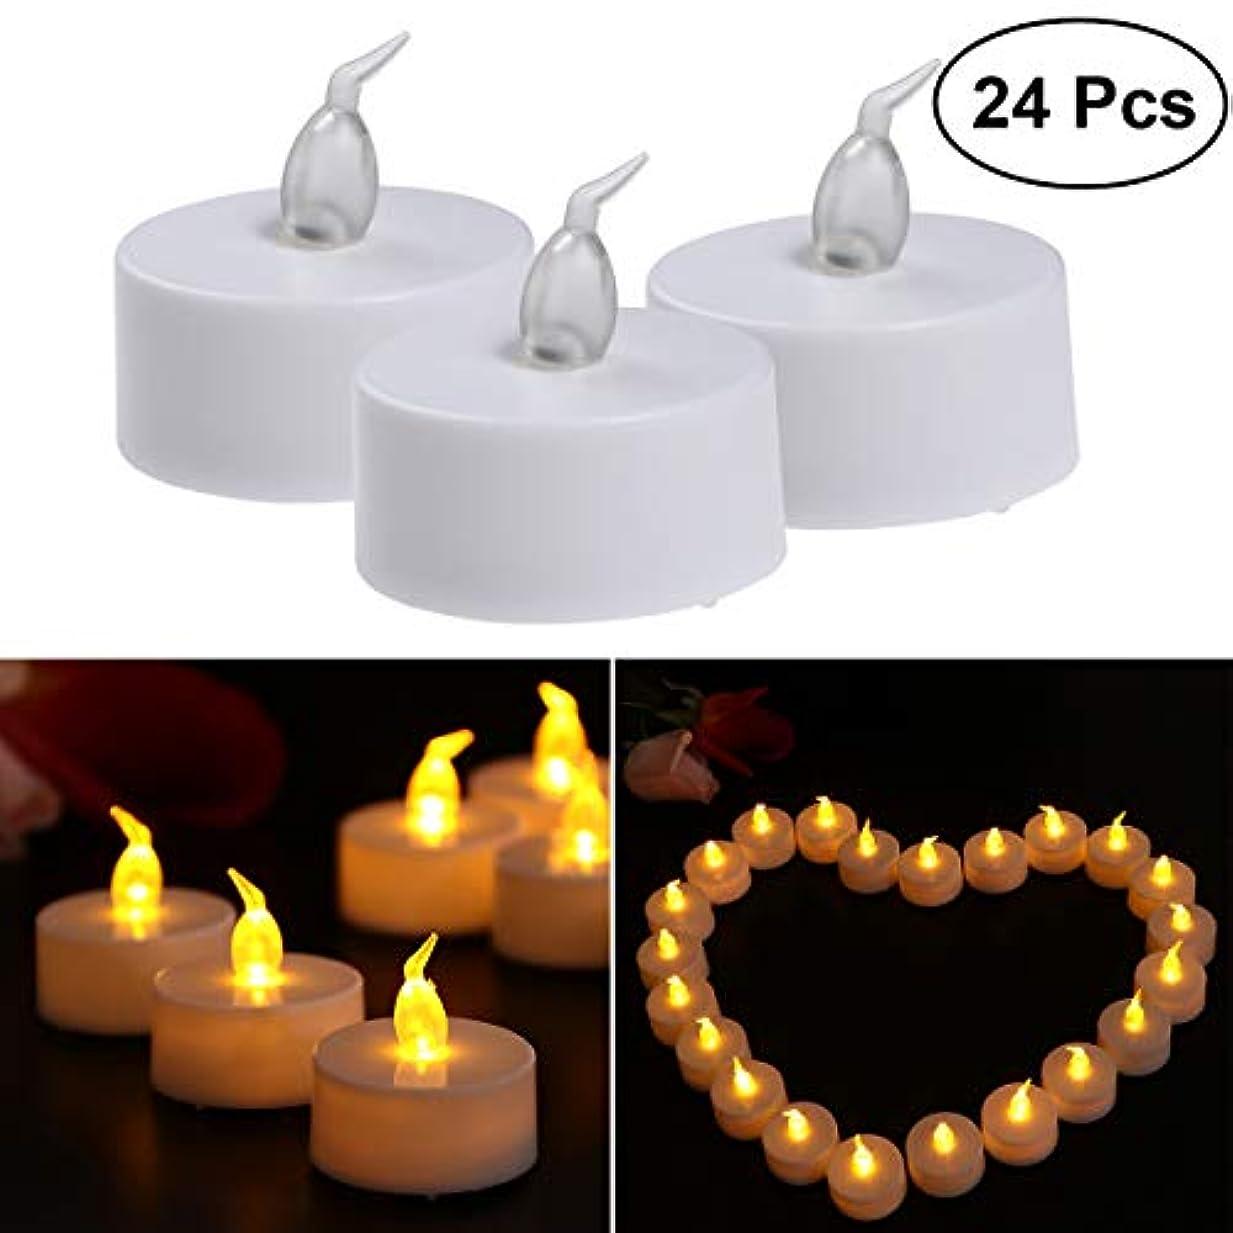 リビジョン懇願するベンチVosarea キャンドル ライト LED キャンドルを点灯 電池で動作 プラスチック 誕生日 祭り 祝賀 3.8×4.2cm 24ピース(黄色のフラッシュライト)